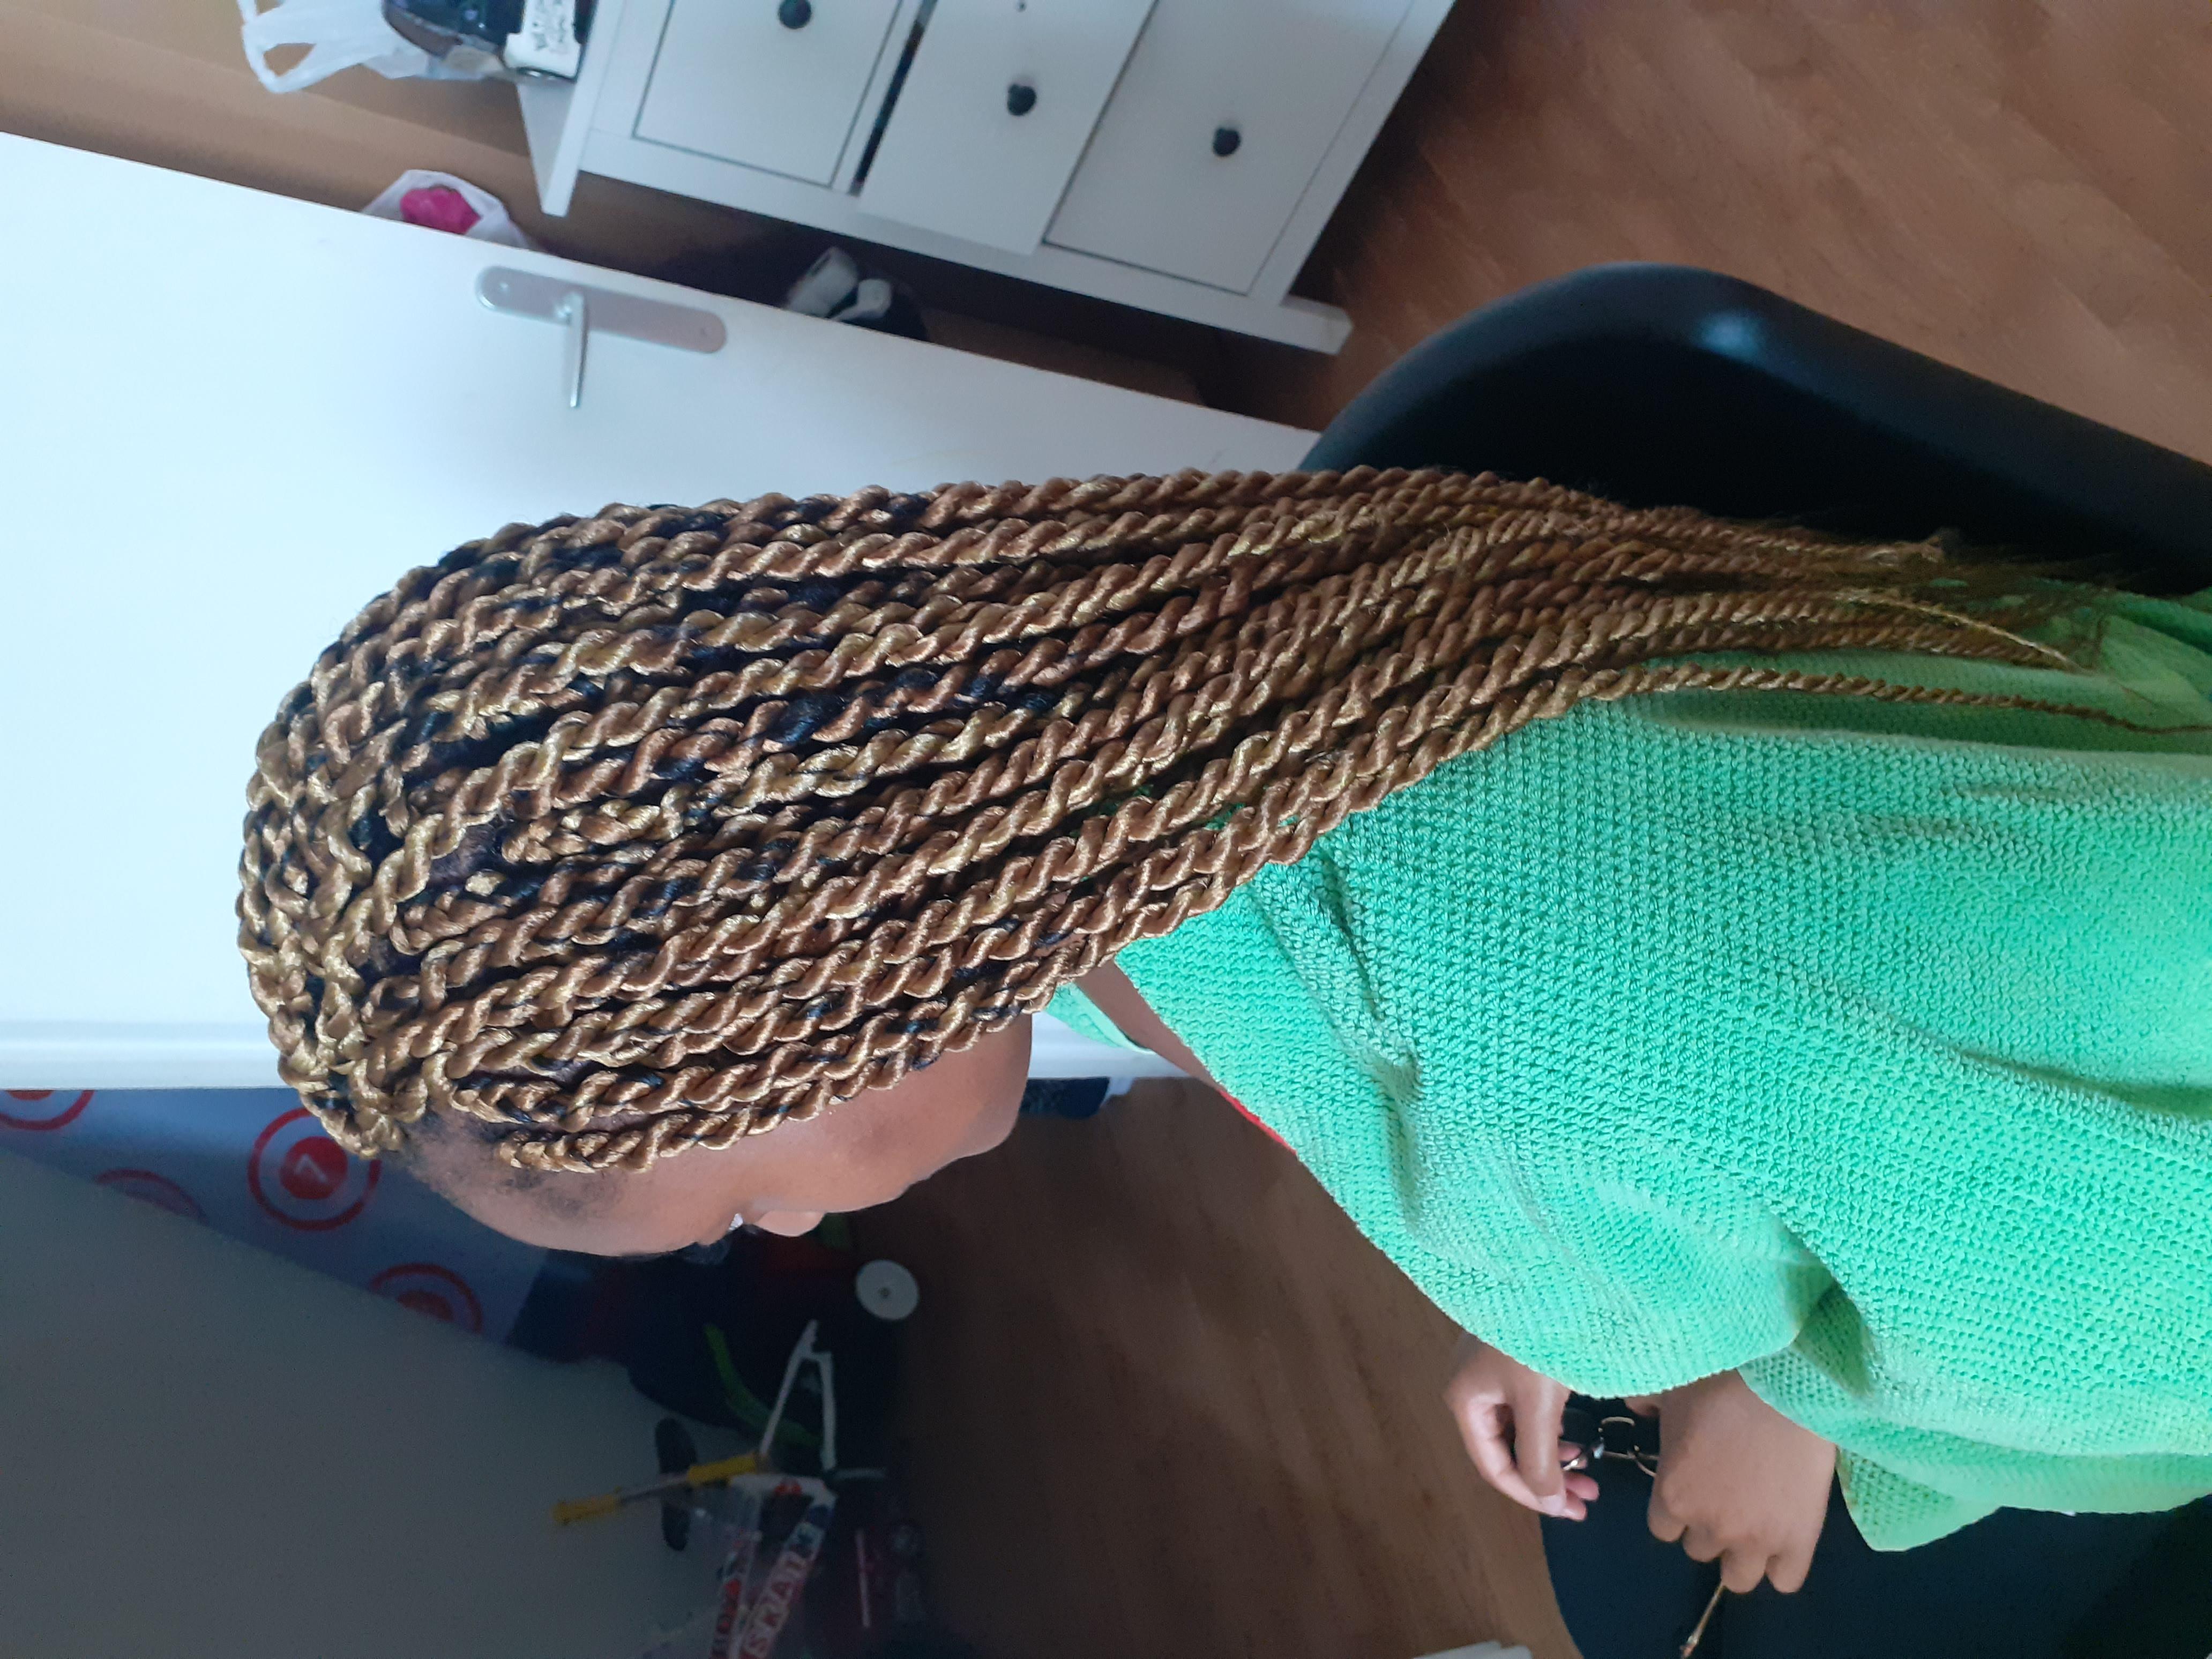 salon de coiffure afro tresse tresses box braids crochet braids vanilles tissages paris 75 77 78 91 92 93 94 95 SNHNGAVN